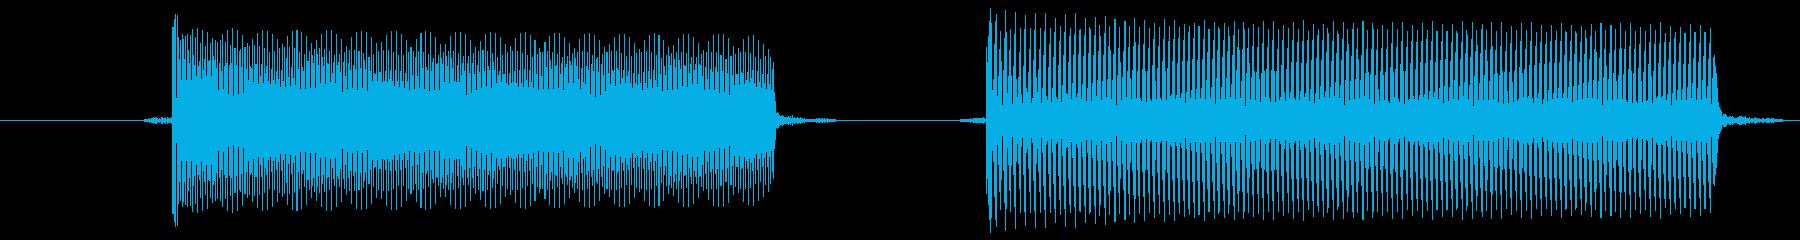 ピポ(電子音・ビープ音)の再生済みの波形